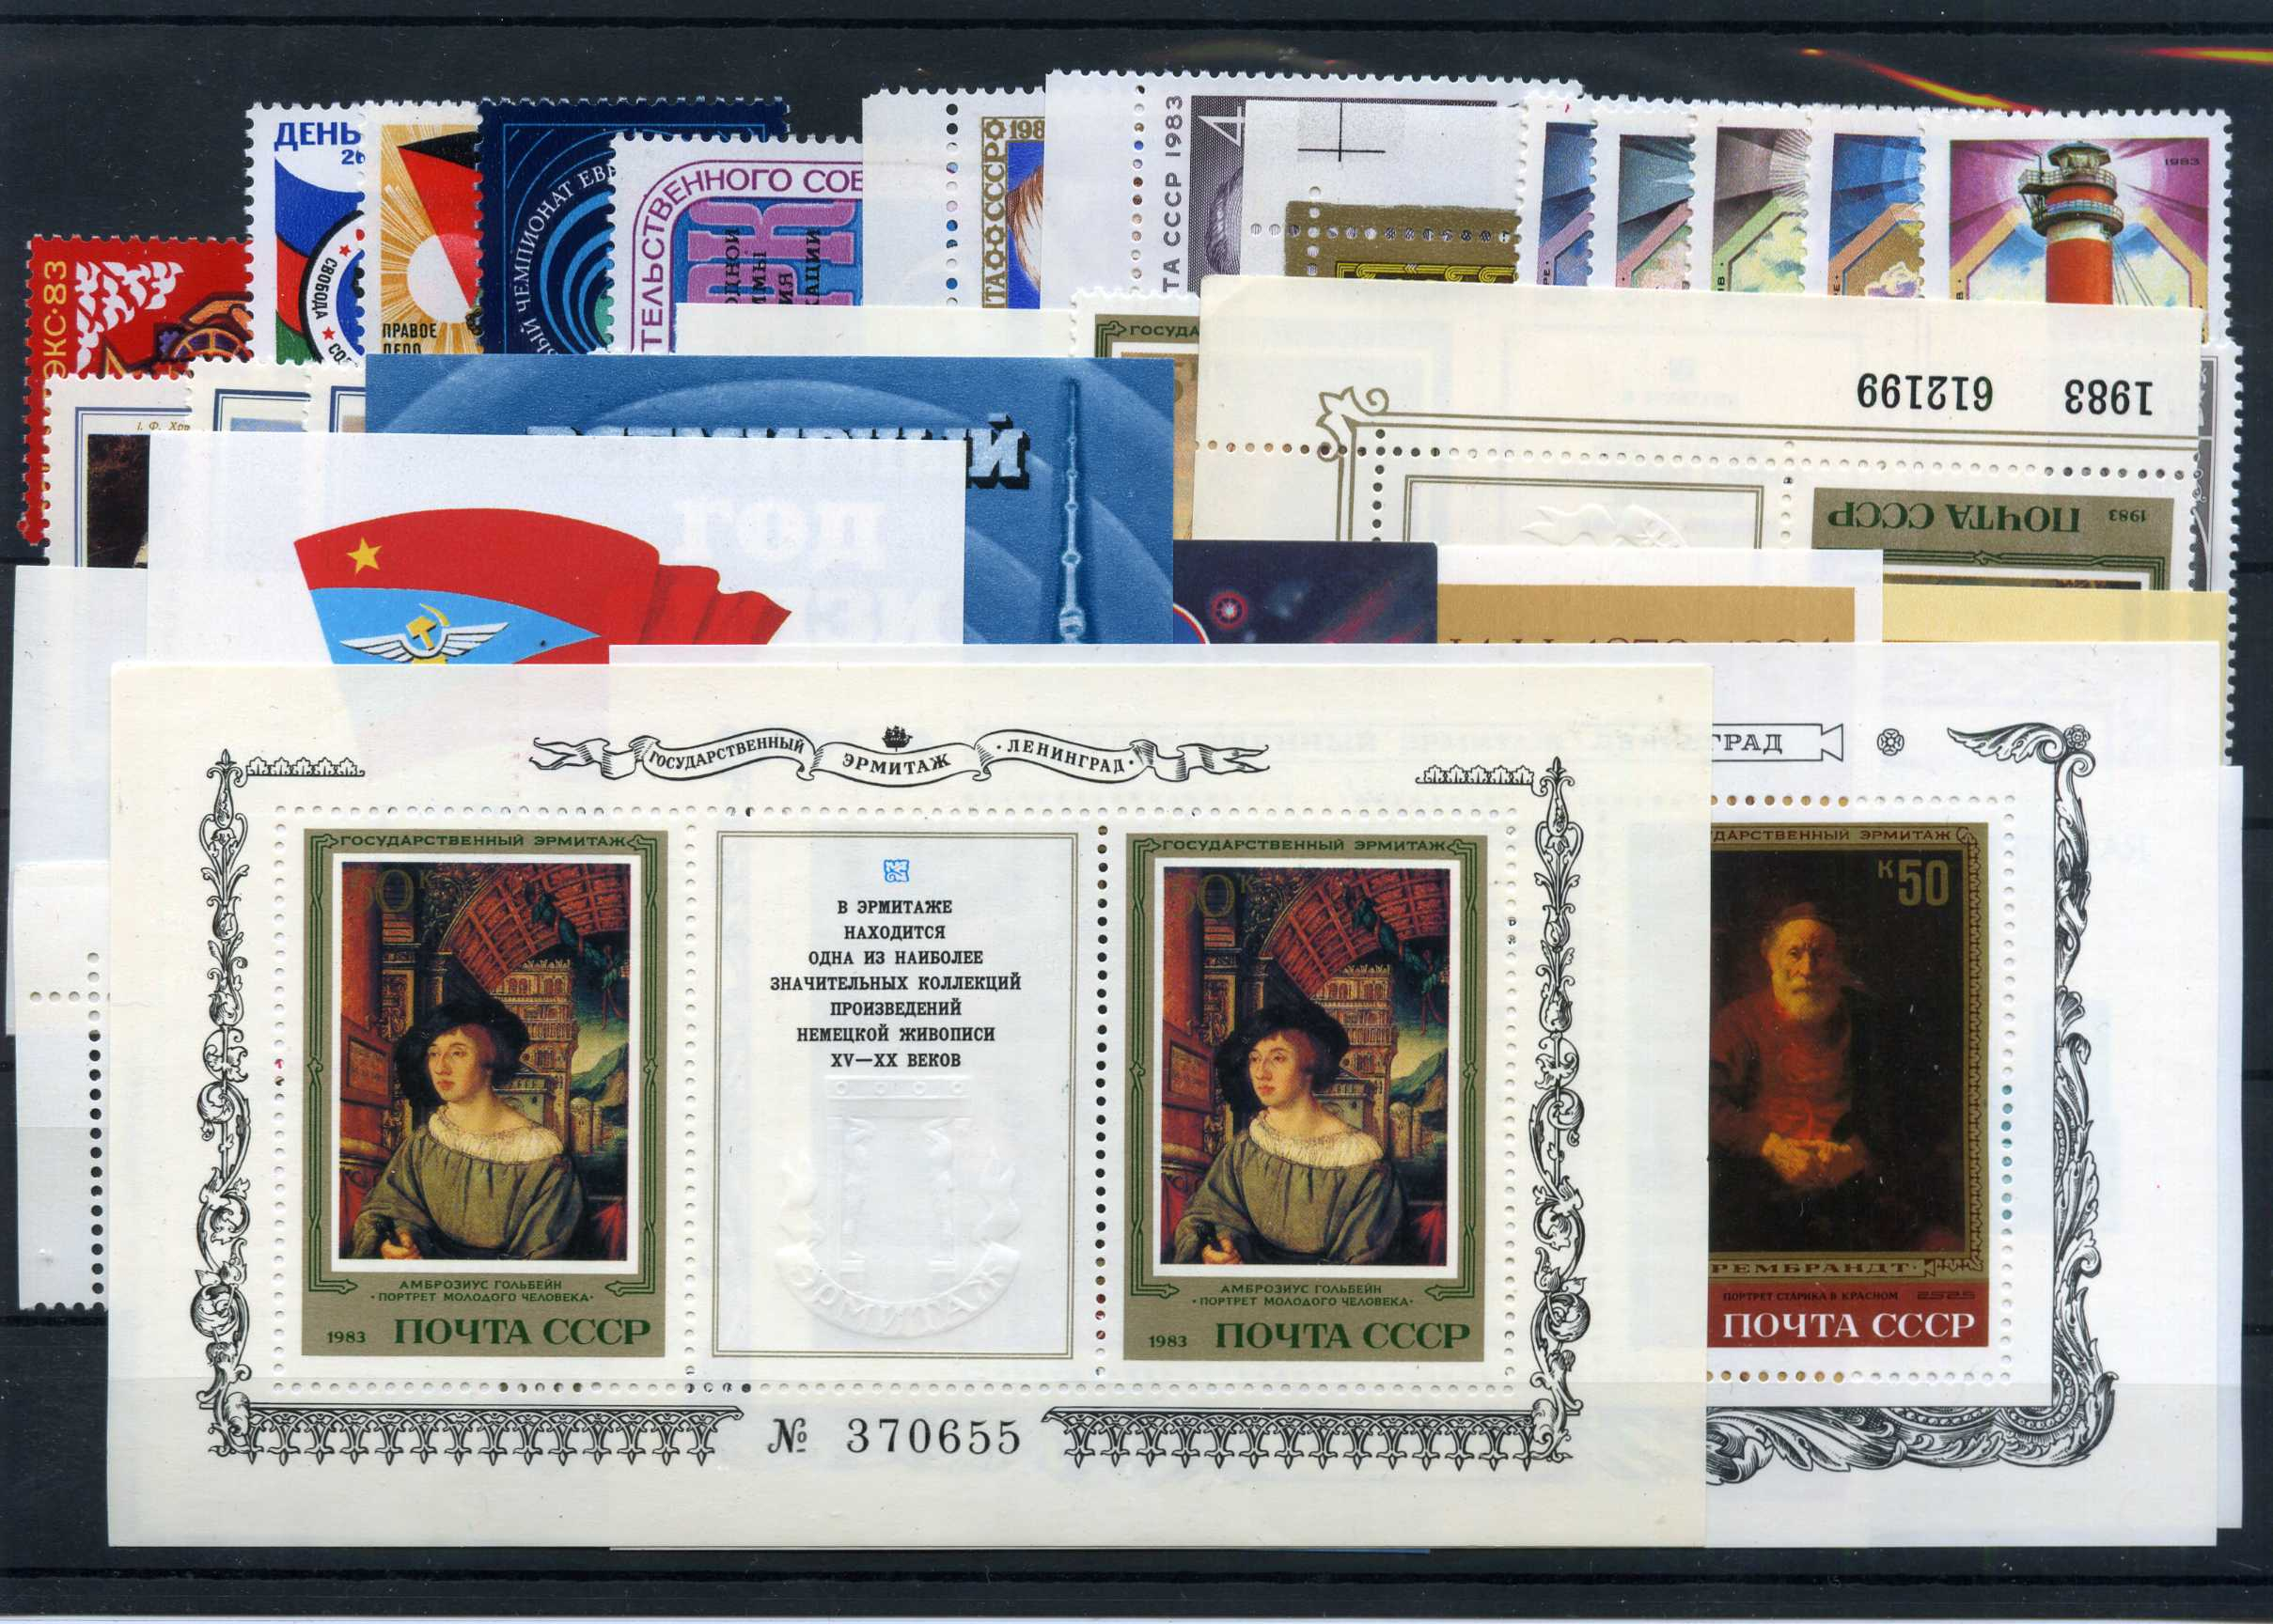 Годовой набор почтовых марок СССР 1983 год, 92 почтовых марки, 9 почтовых блоков